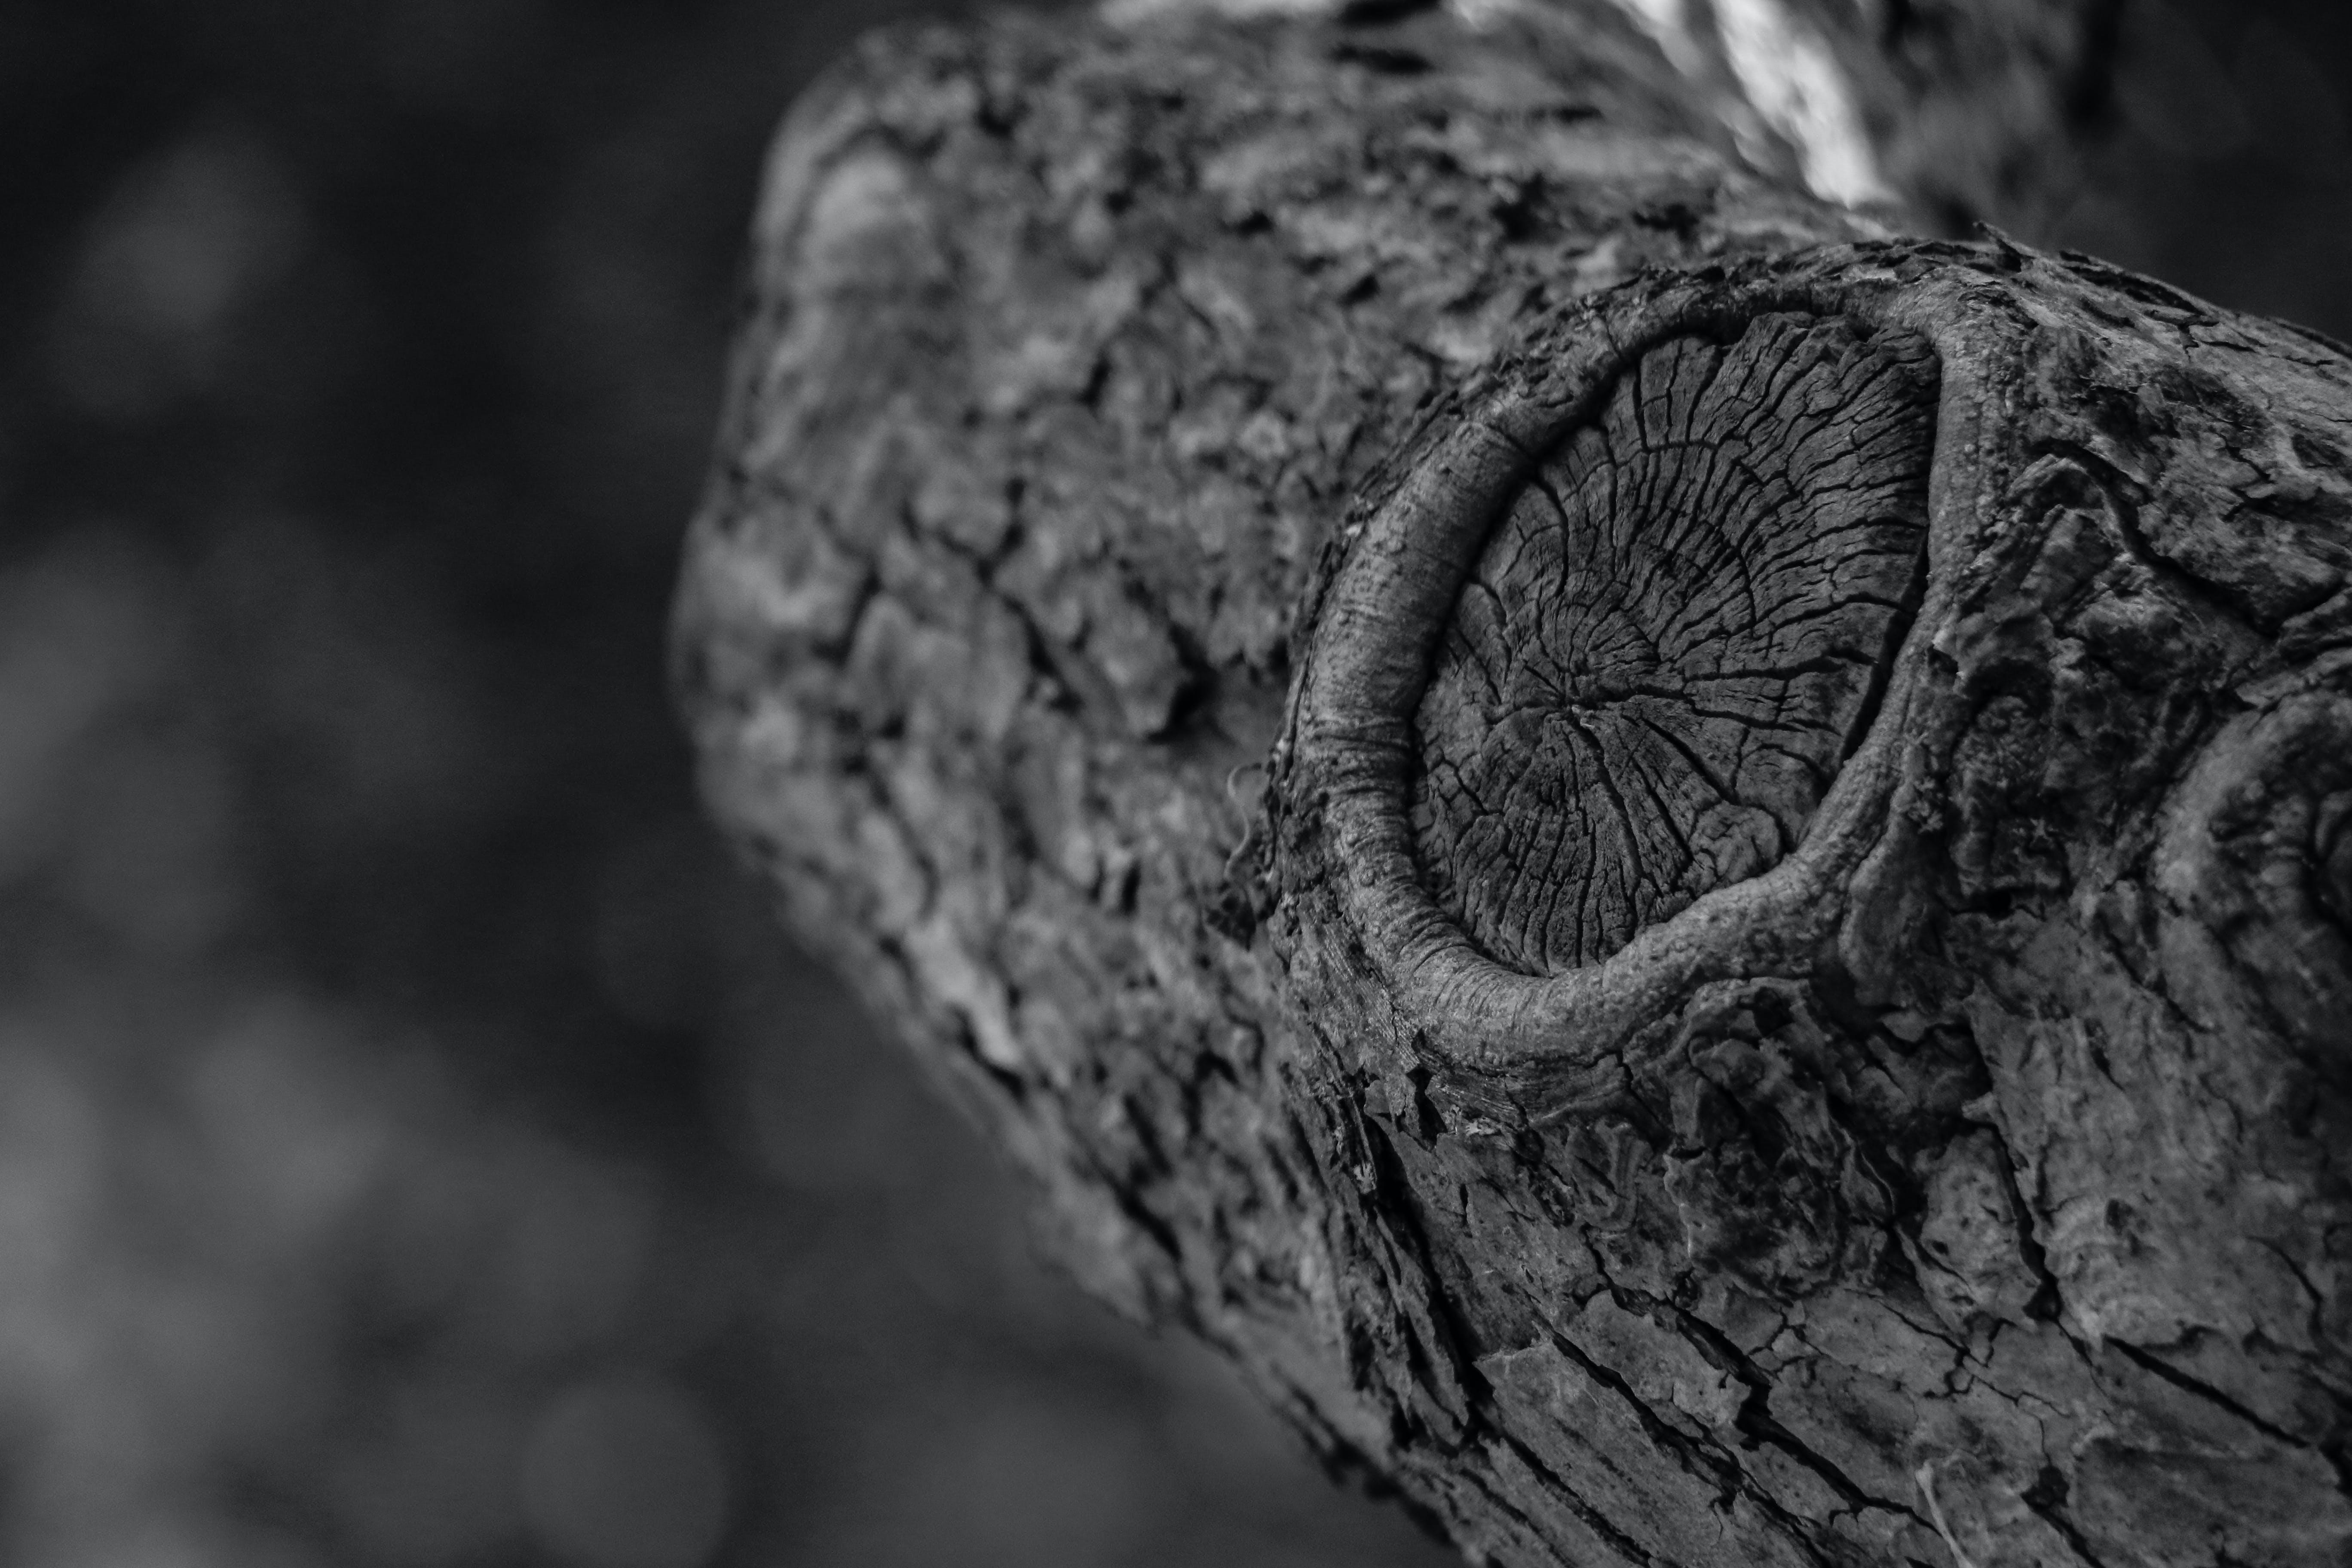 고대의, 골동품, 자연, 자연 사진의 무료 스톡 사진